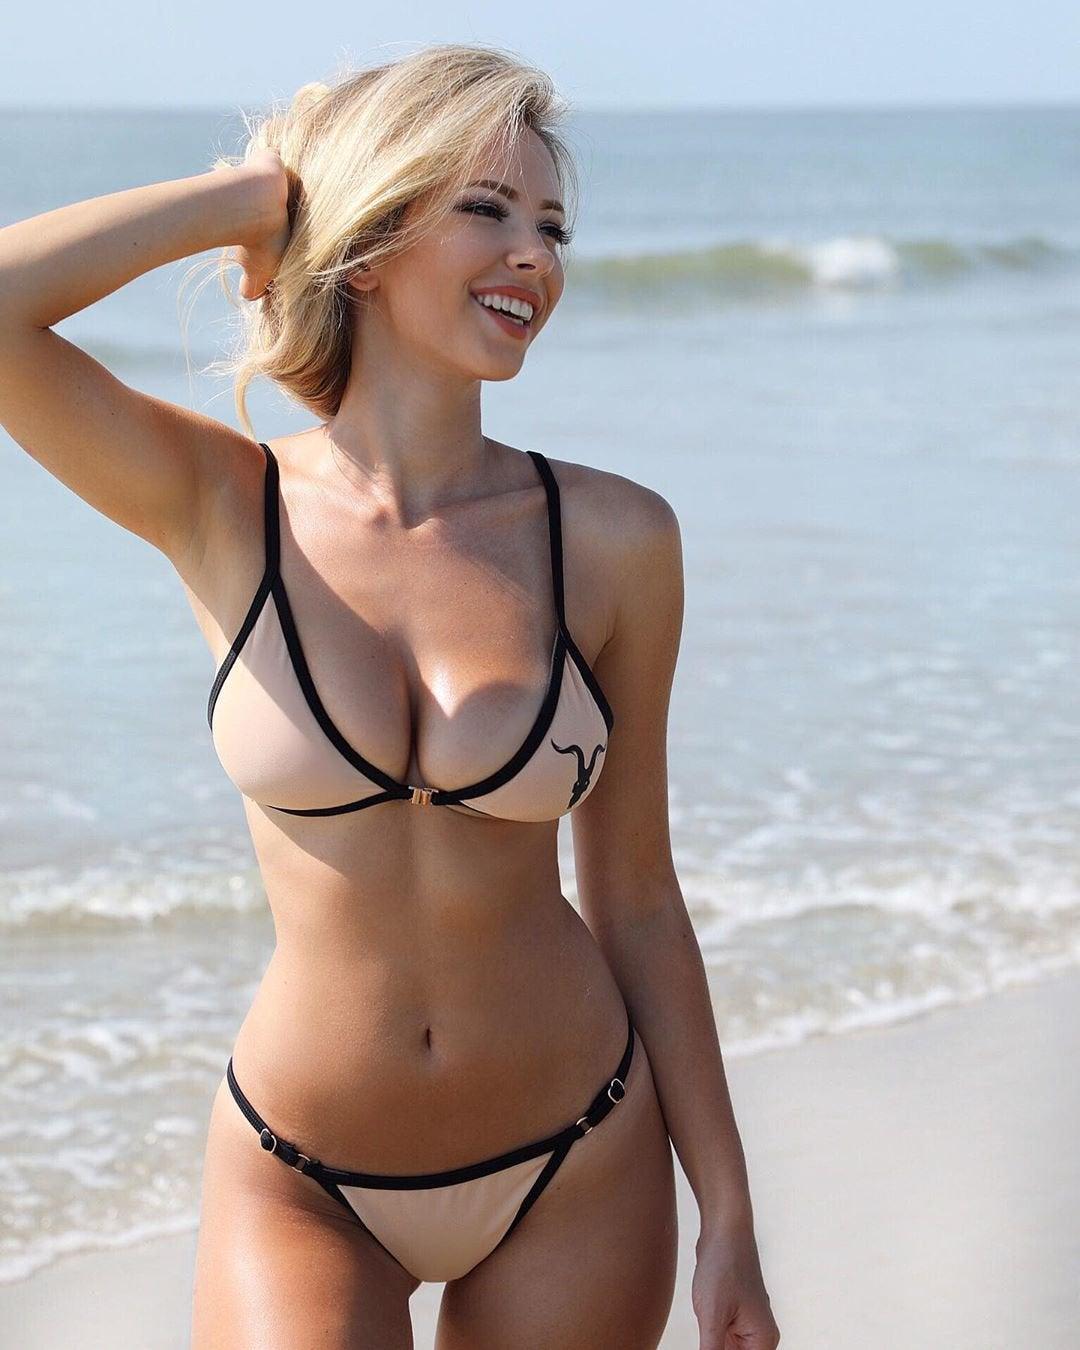 Sexy Girl Wearing Bikini Swimsuit In A Sea Free Stock Photo